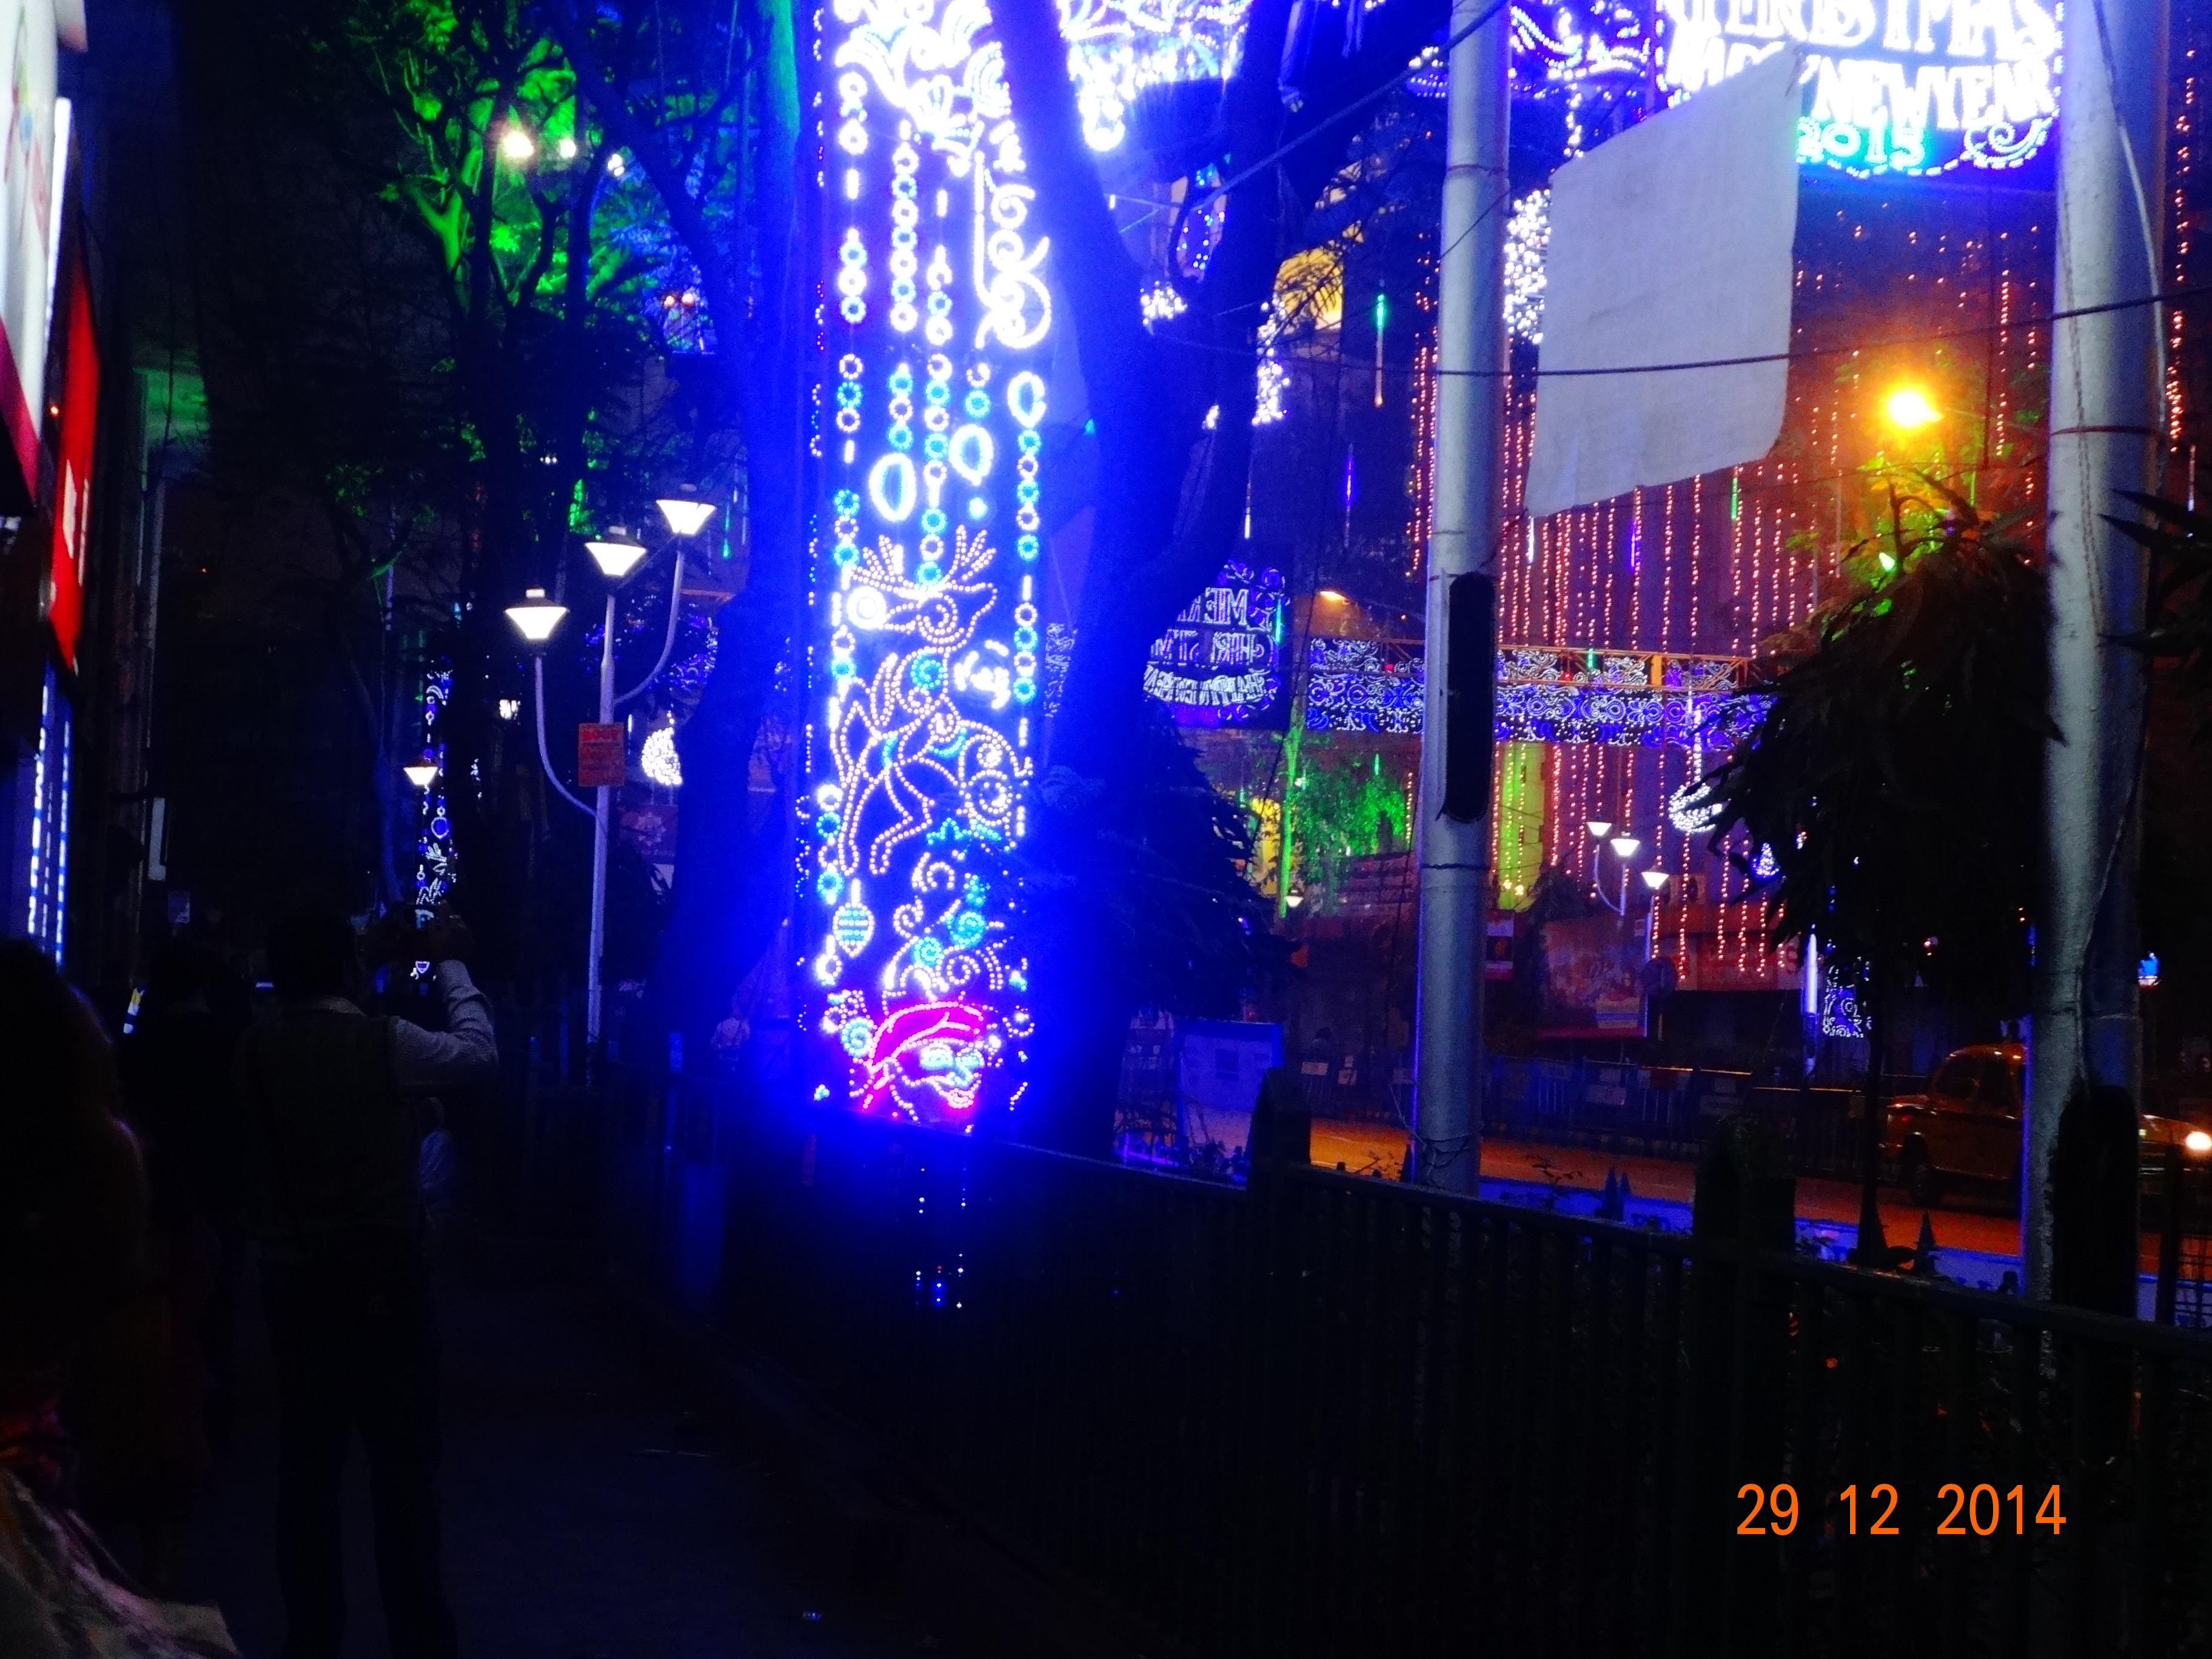 Russel street